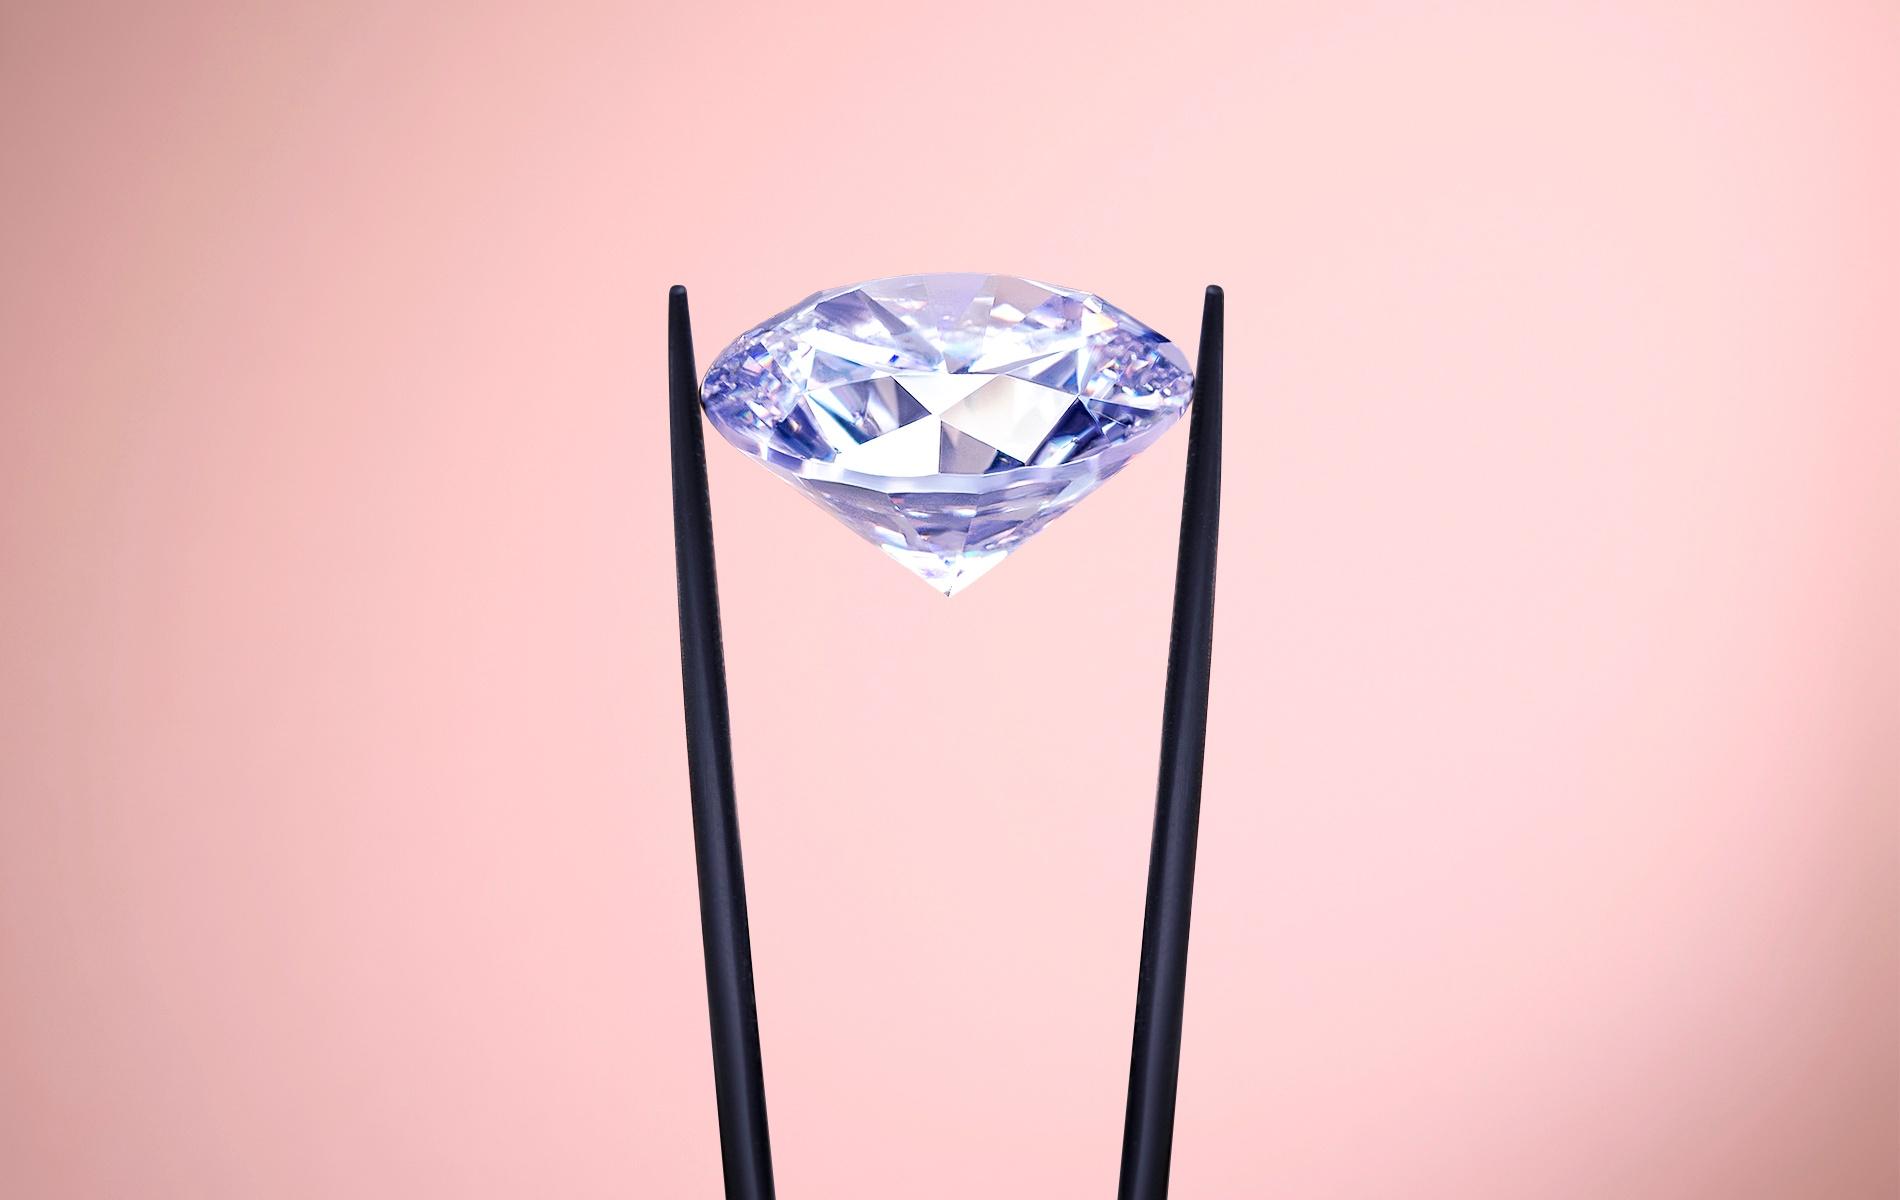 laadukas sisältö on timanttia